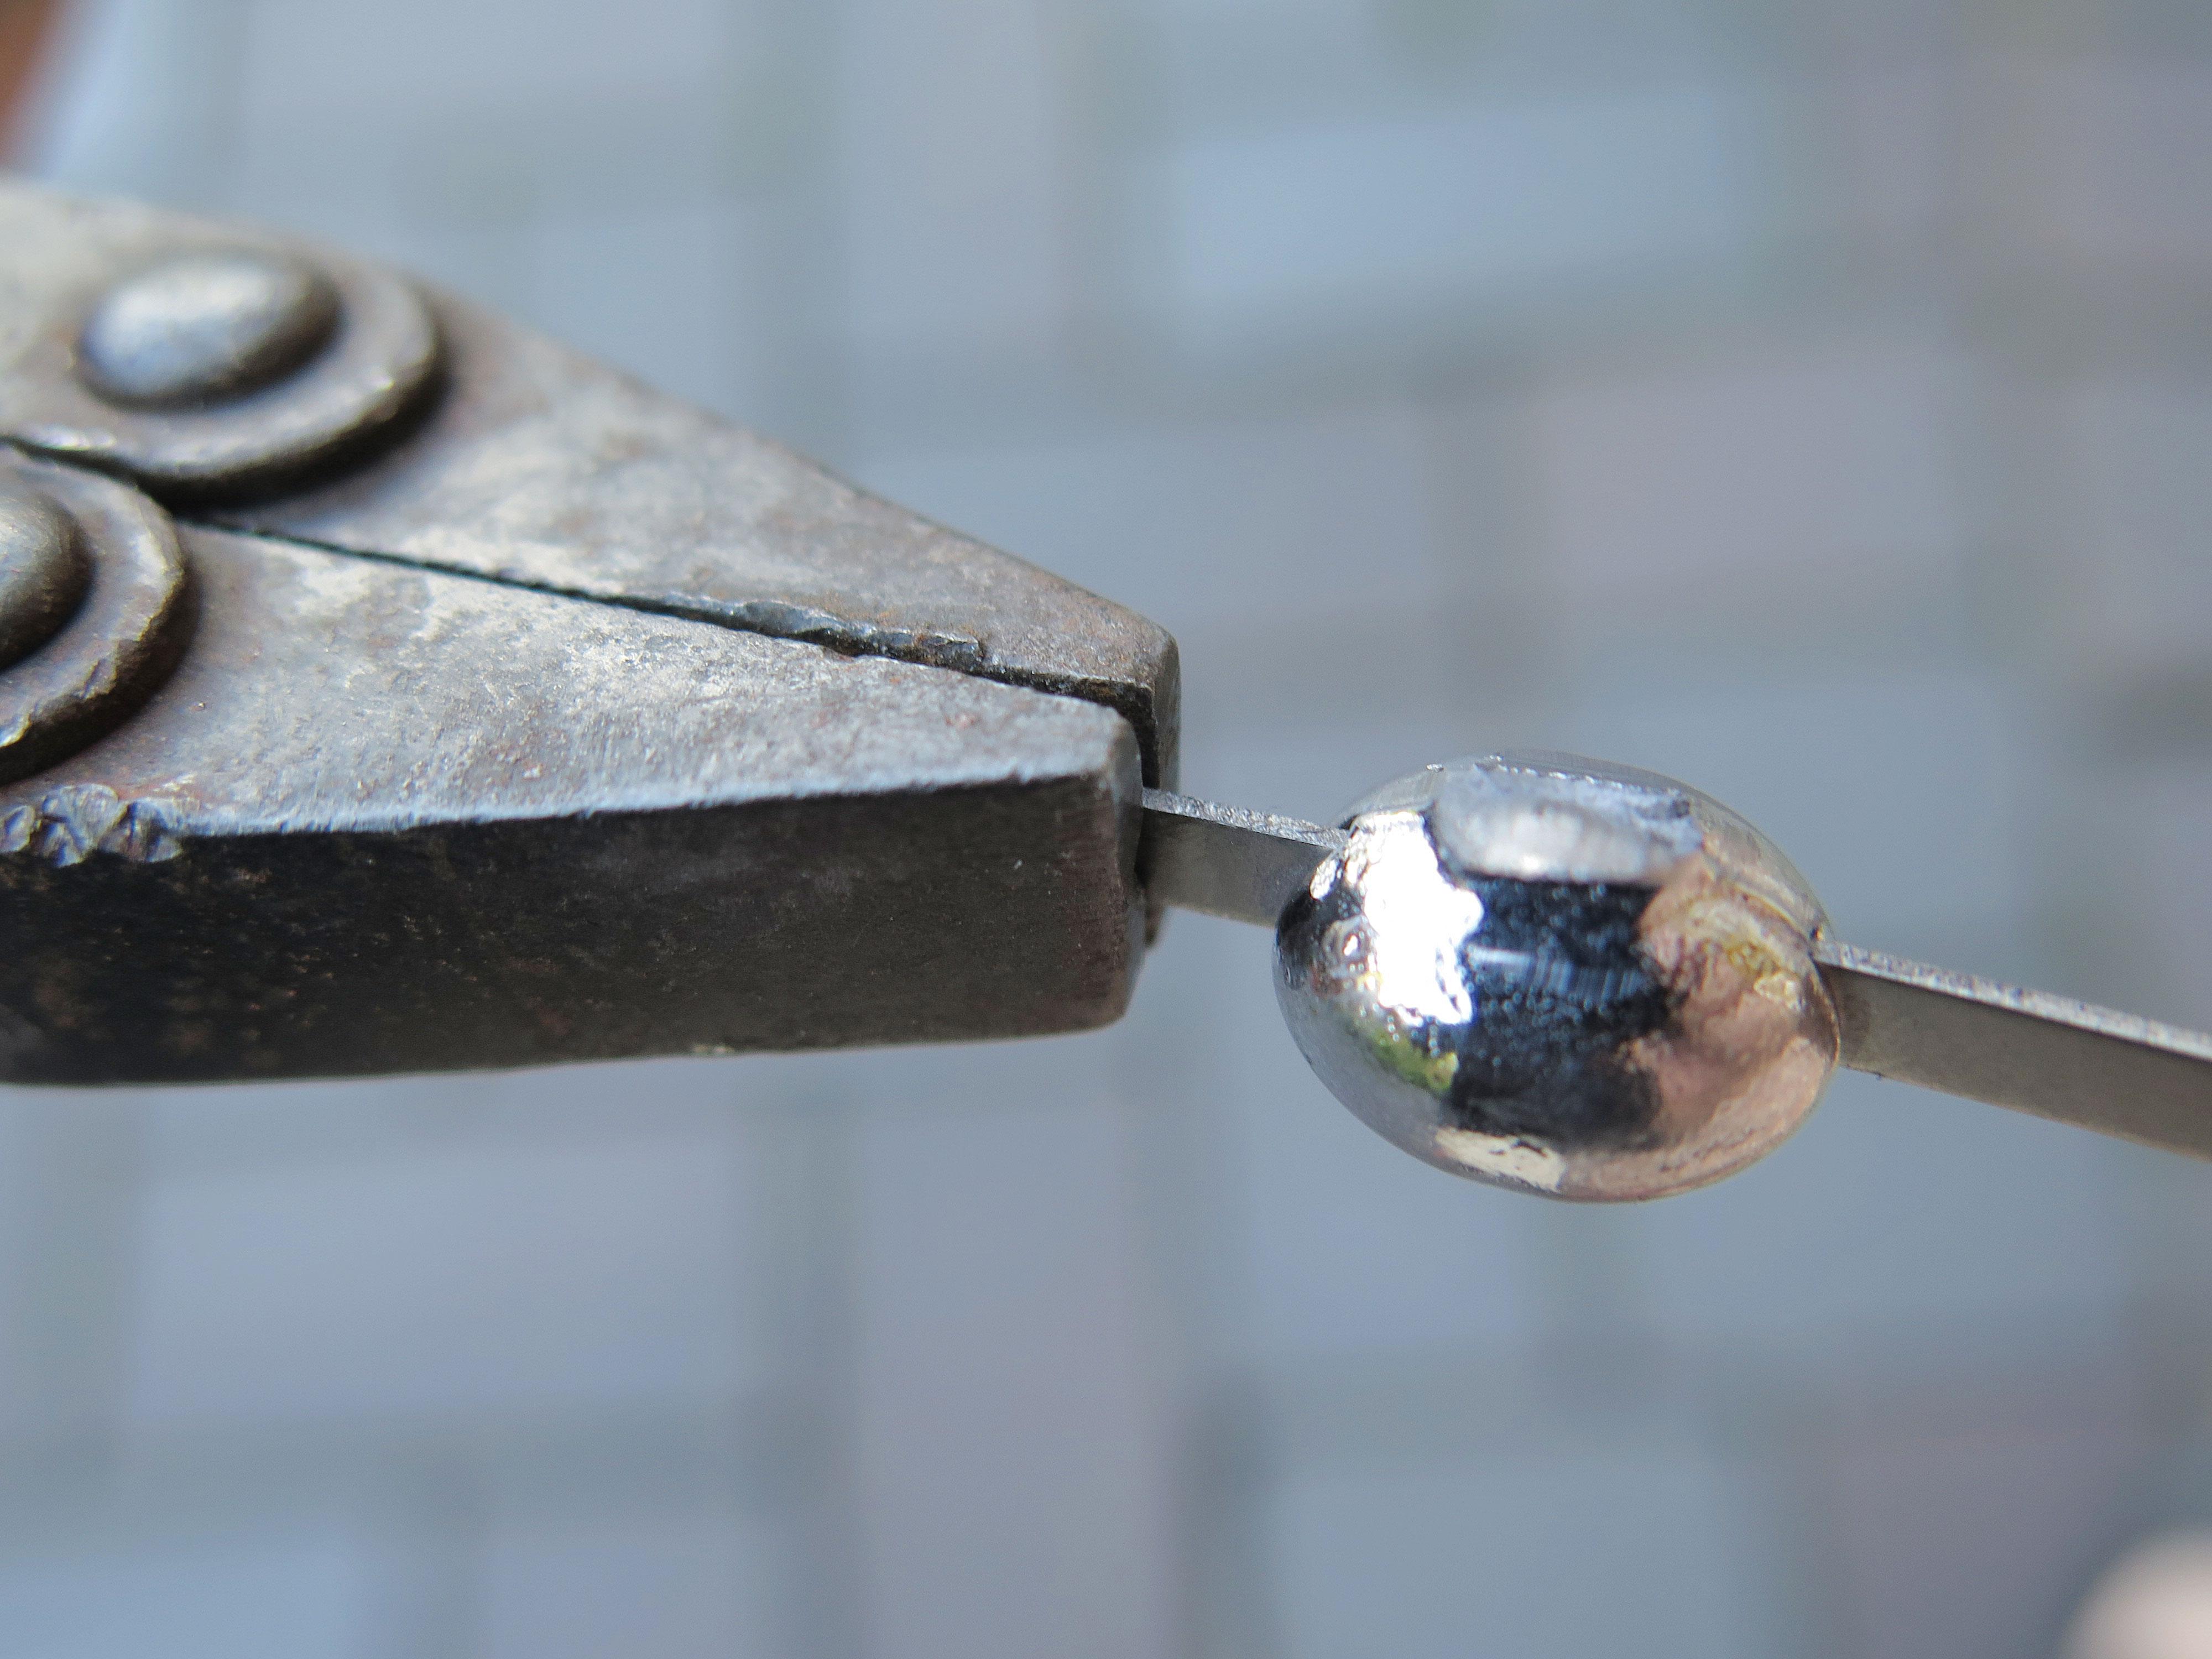 Nun den Blechstreifen mit einer Parallel- oder Kombizange aus dem Blei ziehen. Foto: AngelWoche/R.Schwarzer